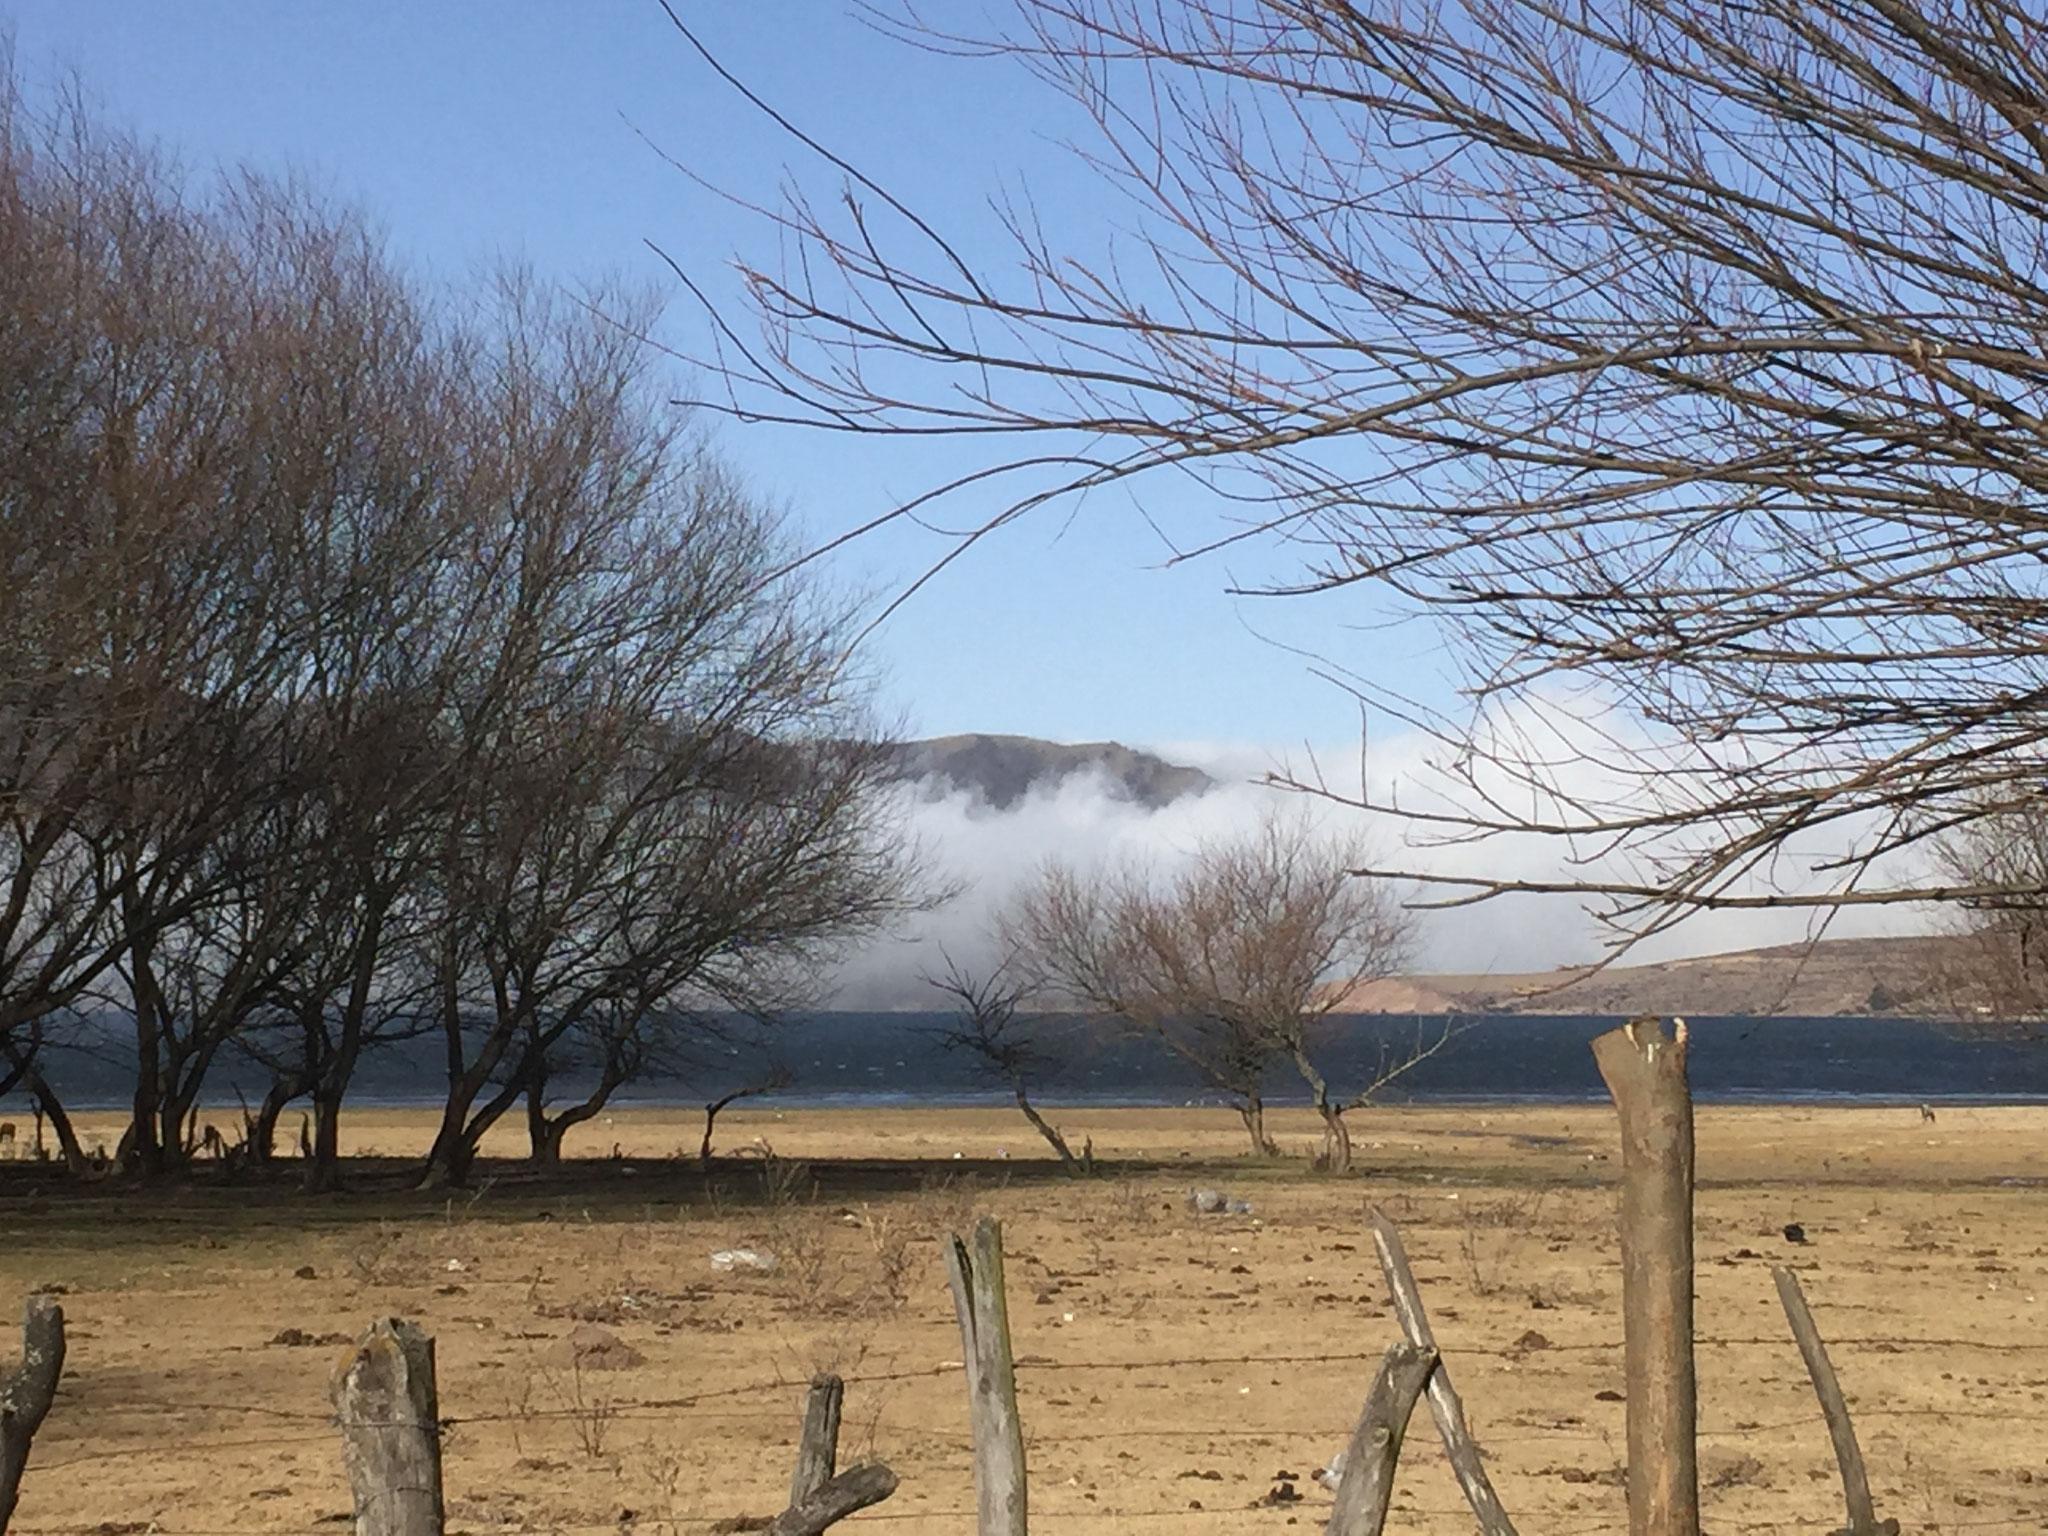 Nebel zieht vom Tal hoch